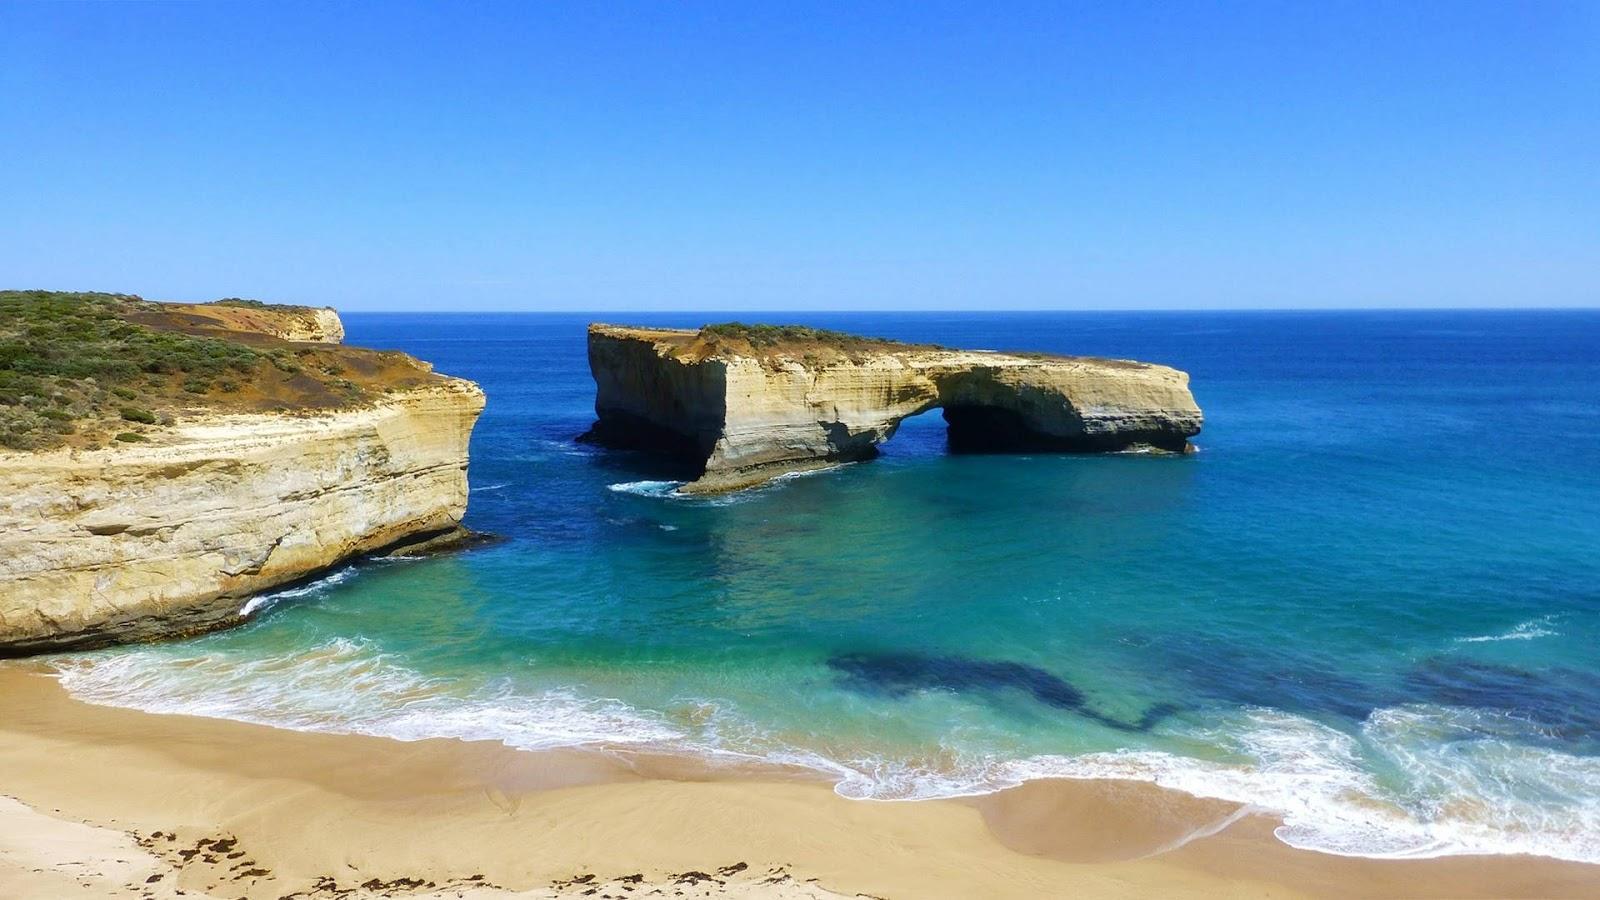 墨爾本-大洋路-景點-倫敦拱橋-London-Bridge-推薦-一日遊-二日遊-自由行-行程-旅遊-跟團-交通-自駕-住宿-澳洲-Melbourne-Great-Ocean-Road-Travel-Tour-Australia